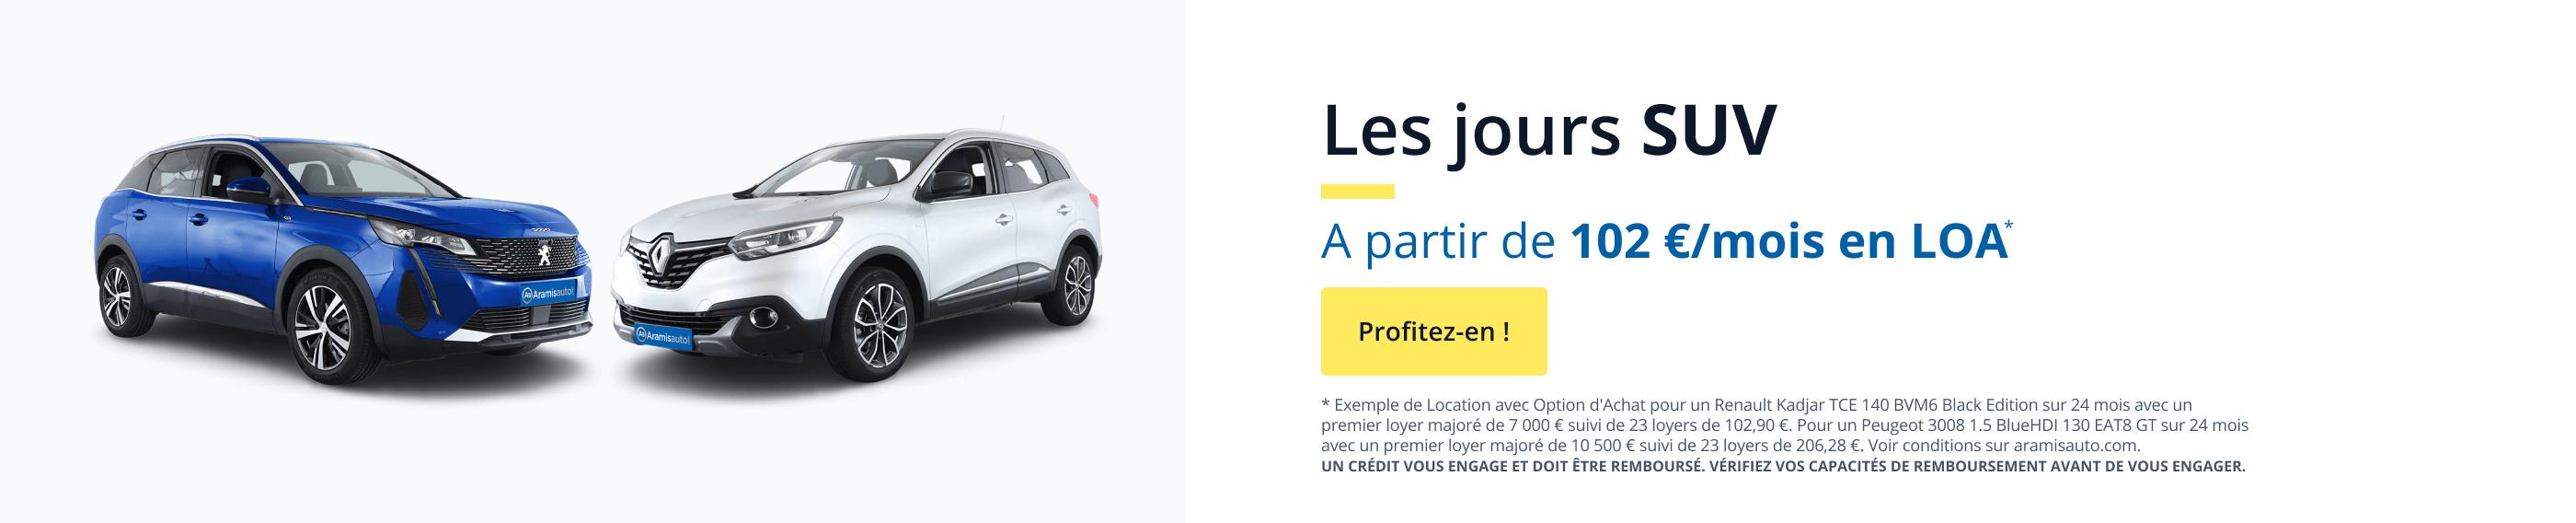 Les jours SUV, à partir de 102€ par mois ! Profitez-en !